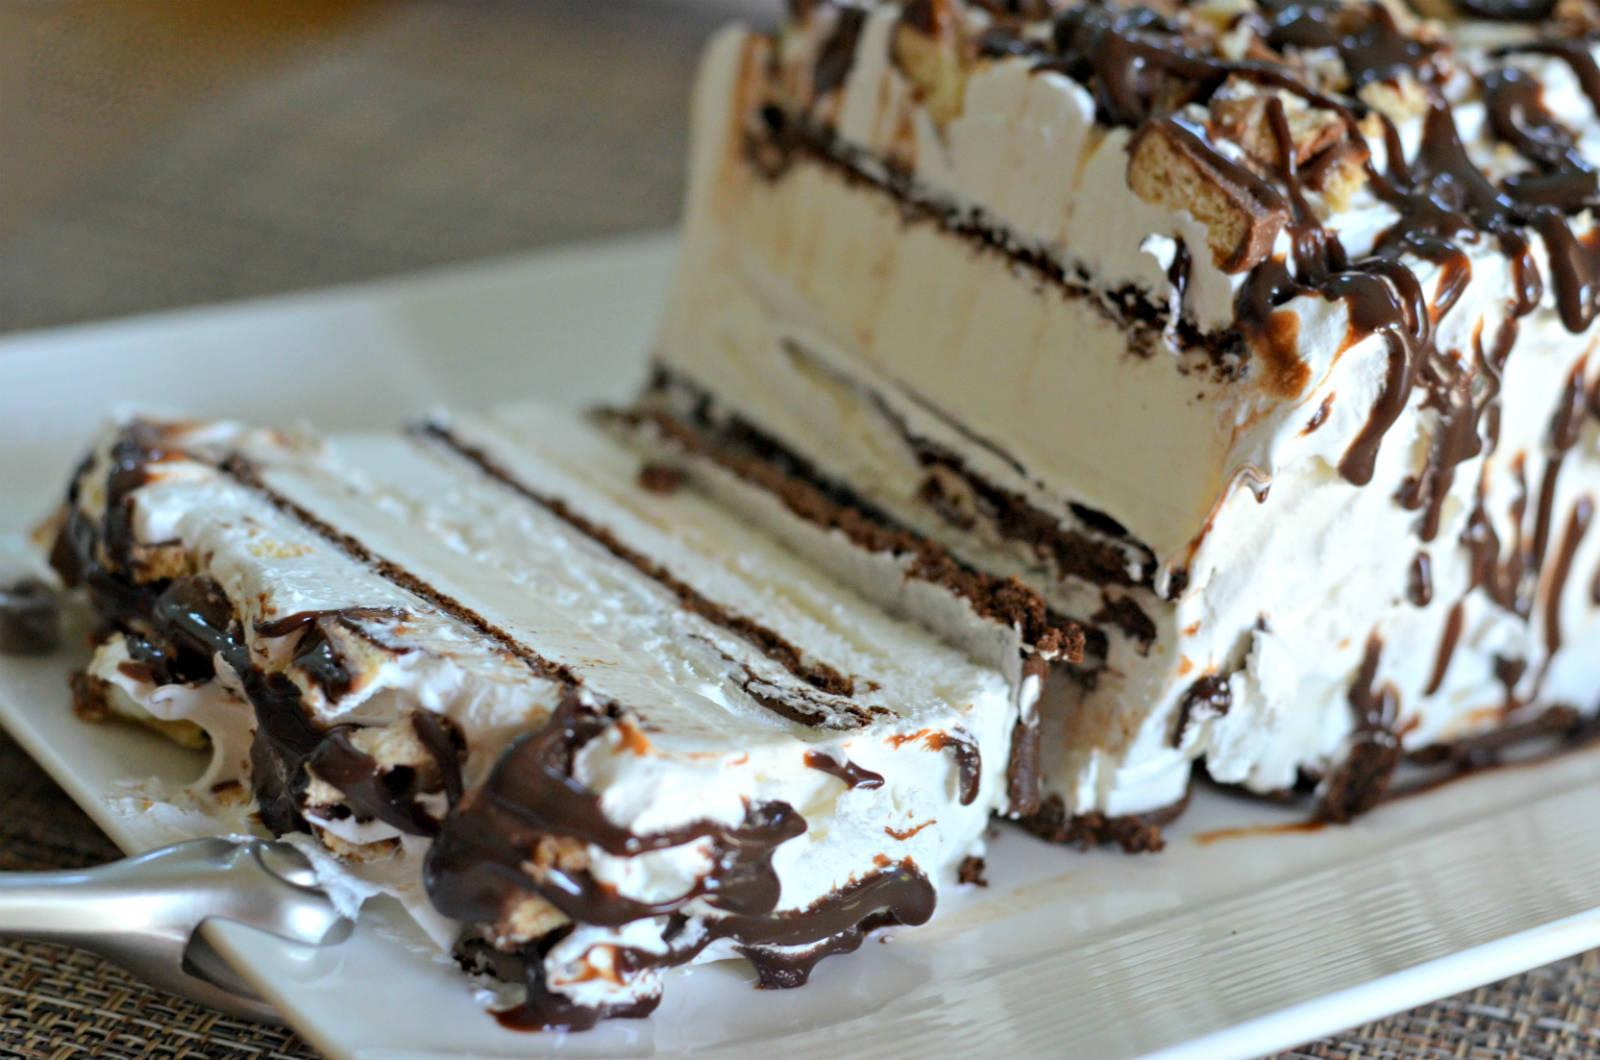 Tako preprosta, a tako slastna: sladoledna torta s čokolado, ki jo pripravimo v 5 minutah.